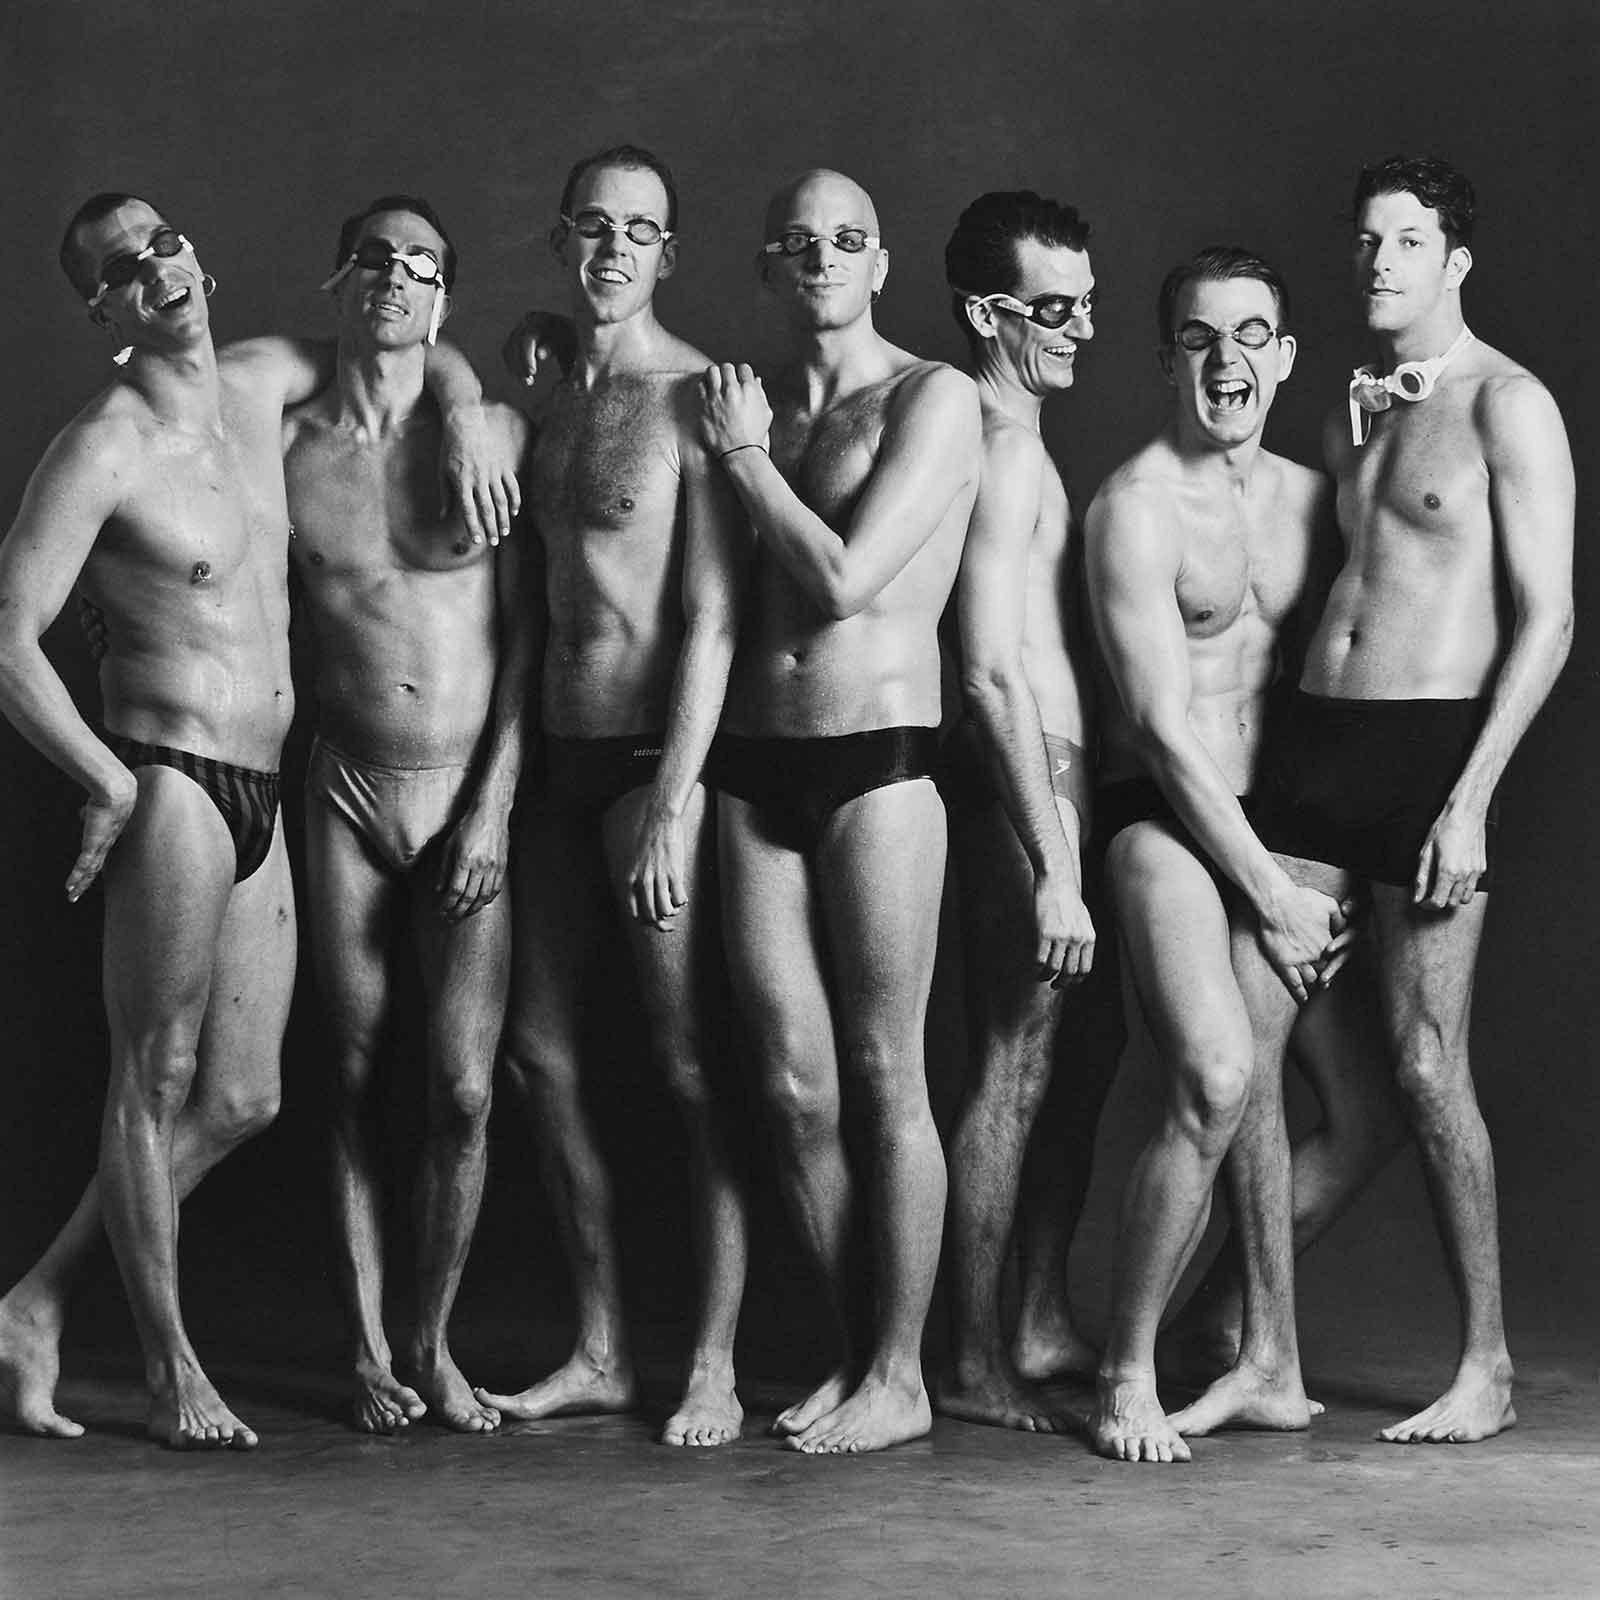 The Swim Team